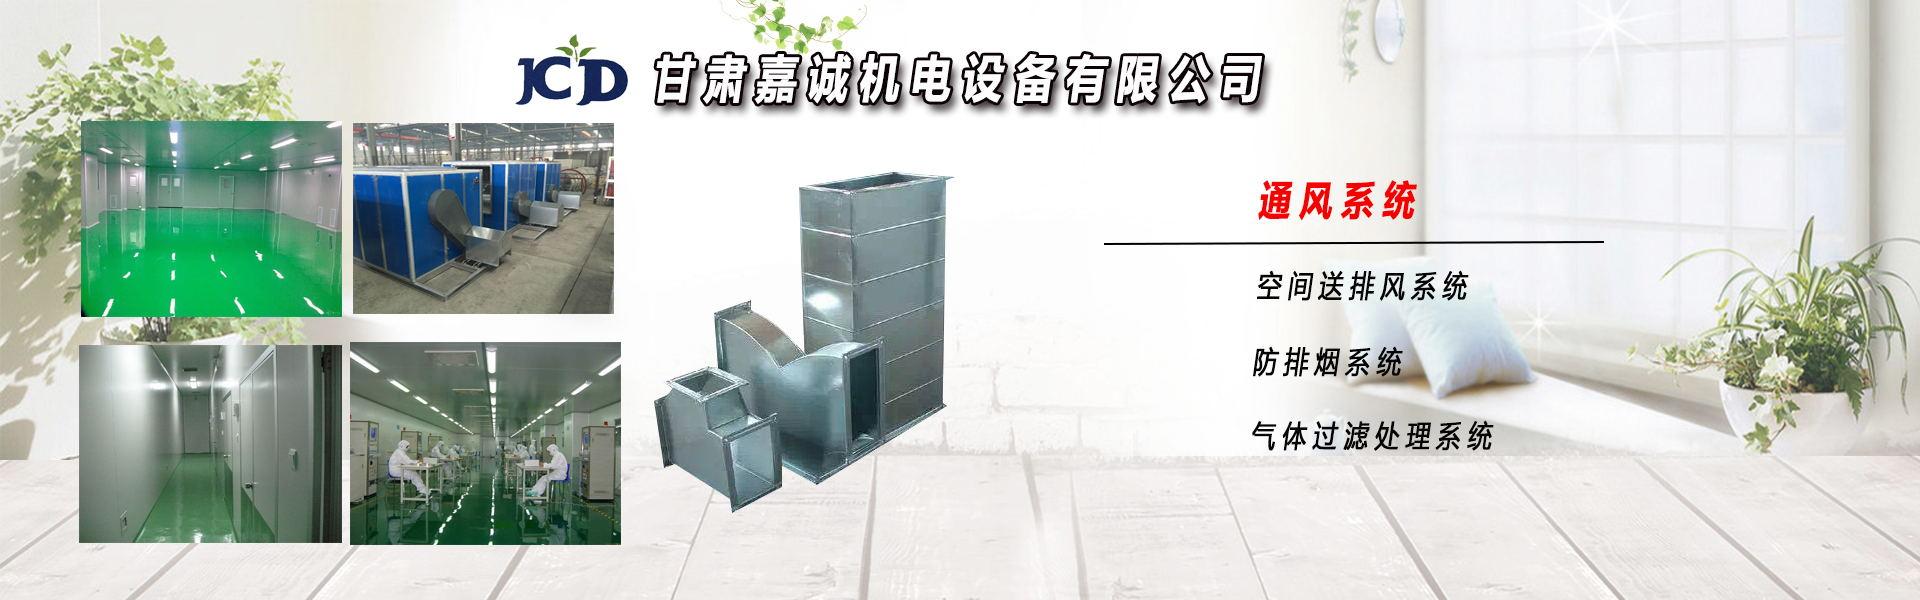 中央空调、热泵、BIM管综gif动态图大全